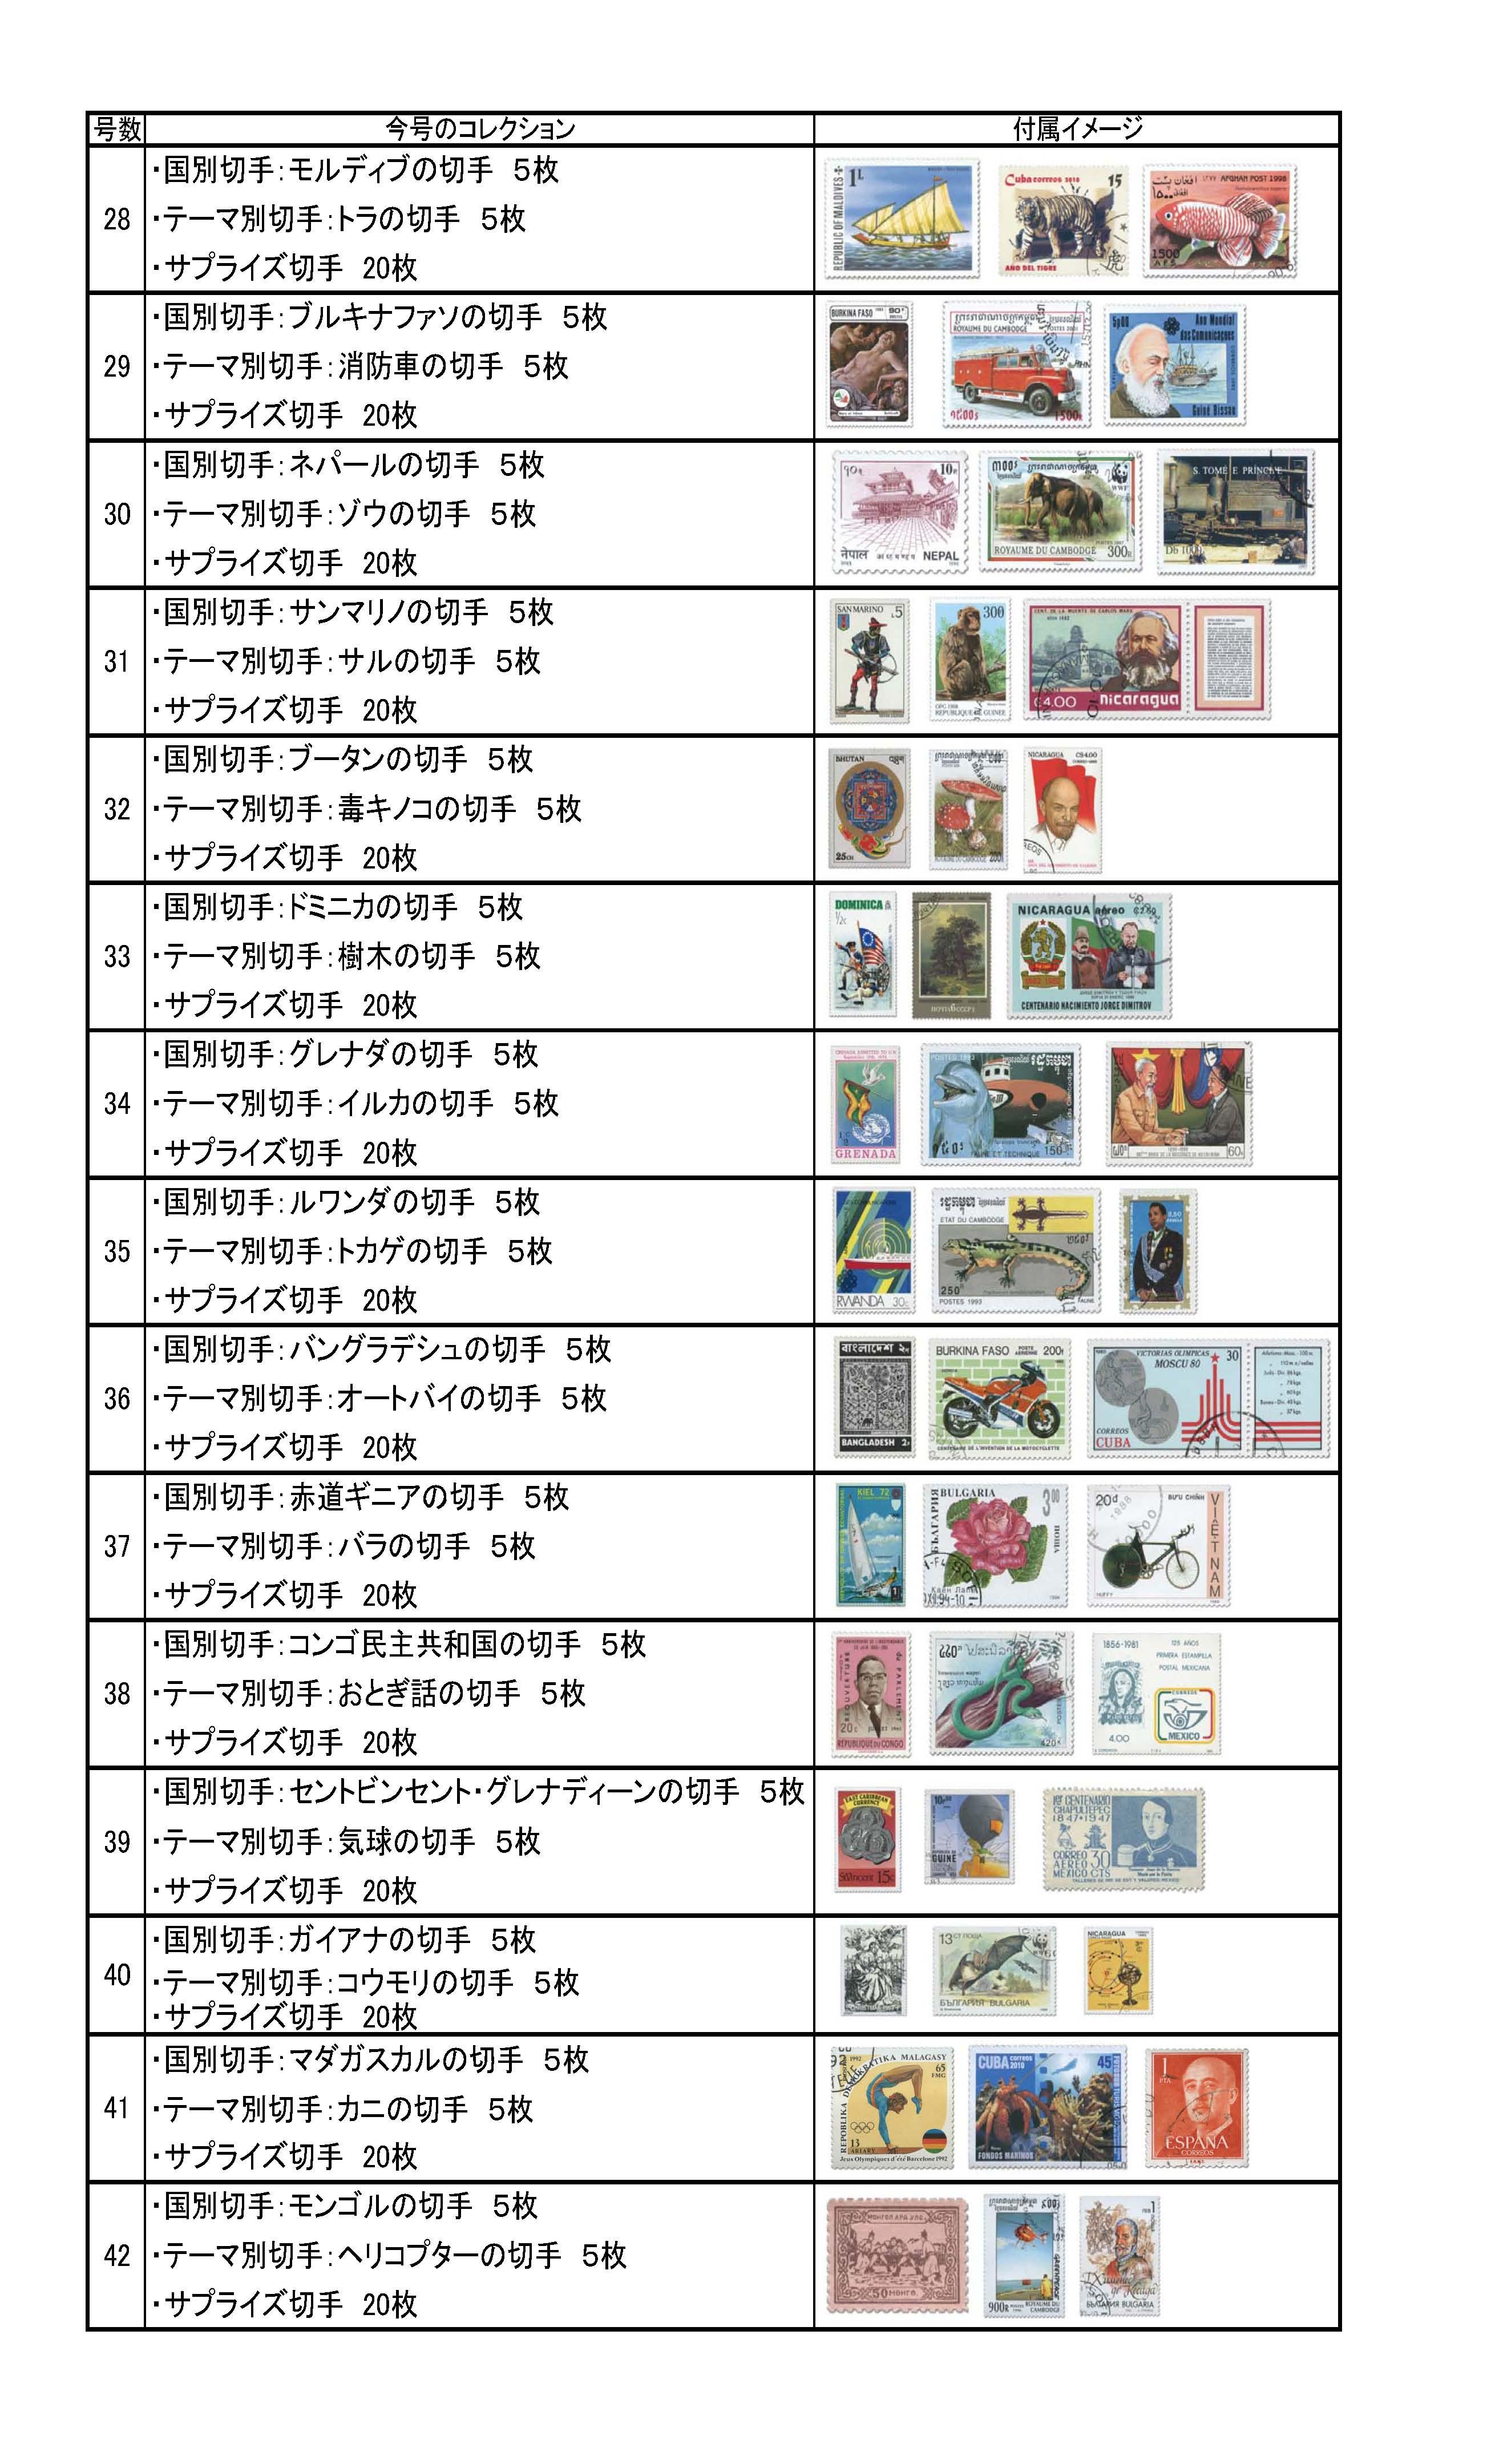 付属切手ラインナップ_20170817 (1)_ページ_03.jpg